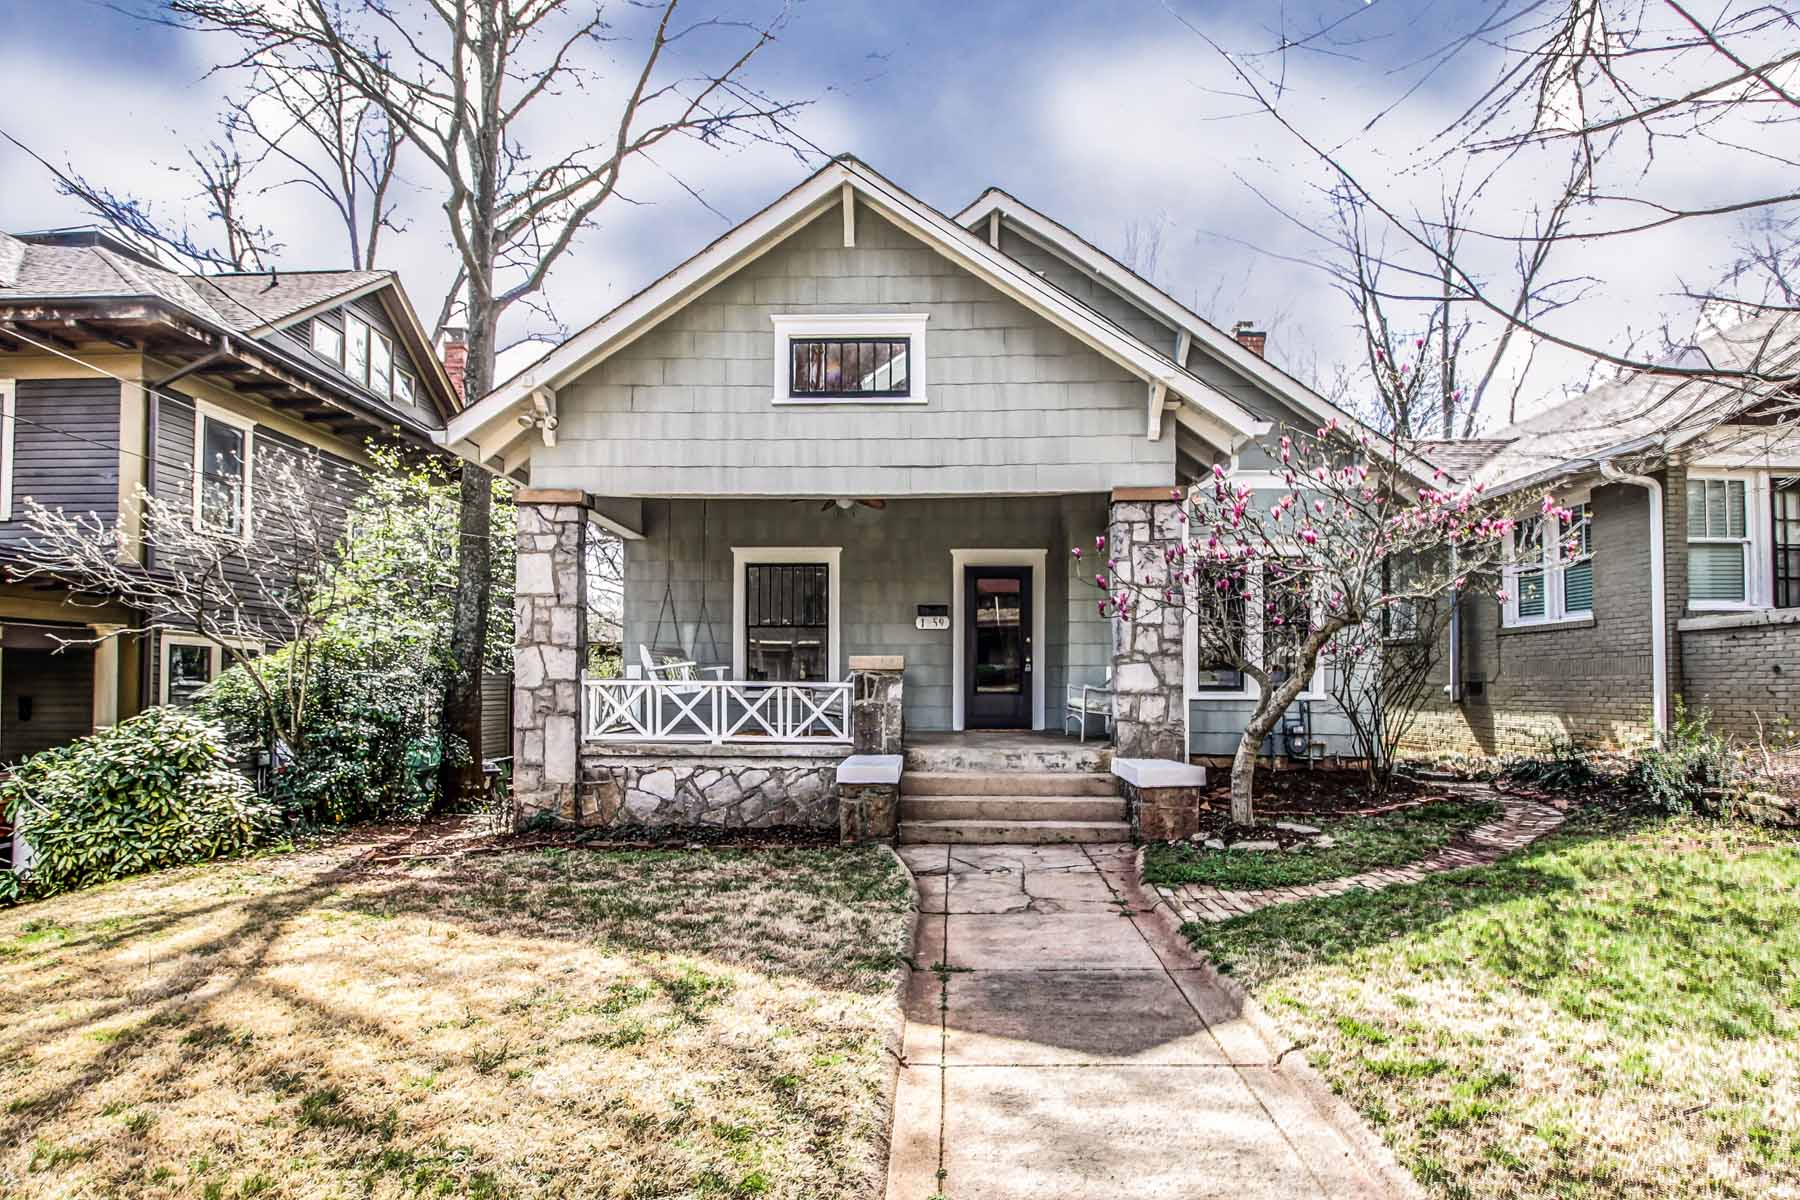 Частный односемейный дом для того Продажа на Elegantly Restored Craftsman Bungalow 1259 McLendon Avenue NE Candler Park, Atlanta, Джорджия, 30307 Соединенные Штаты